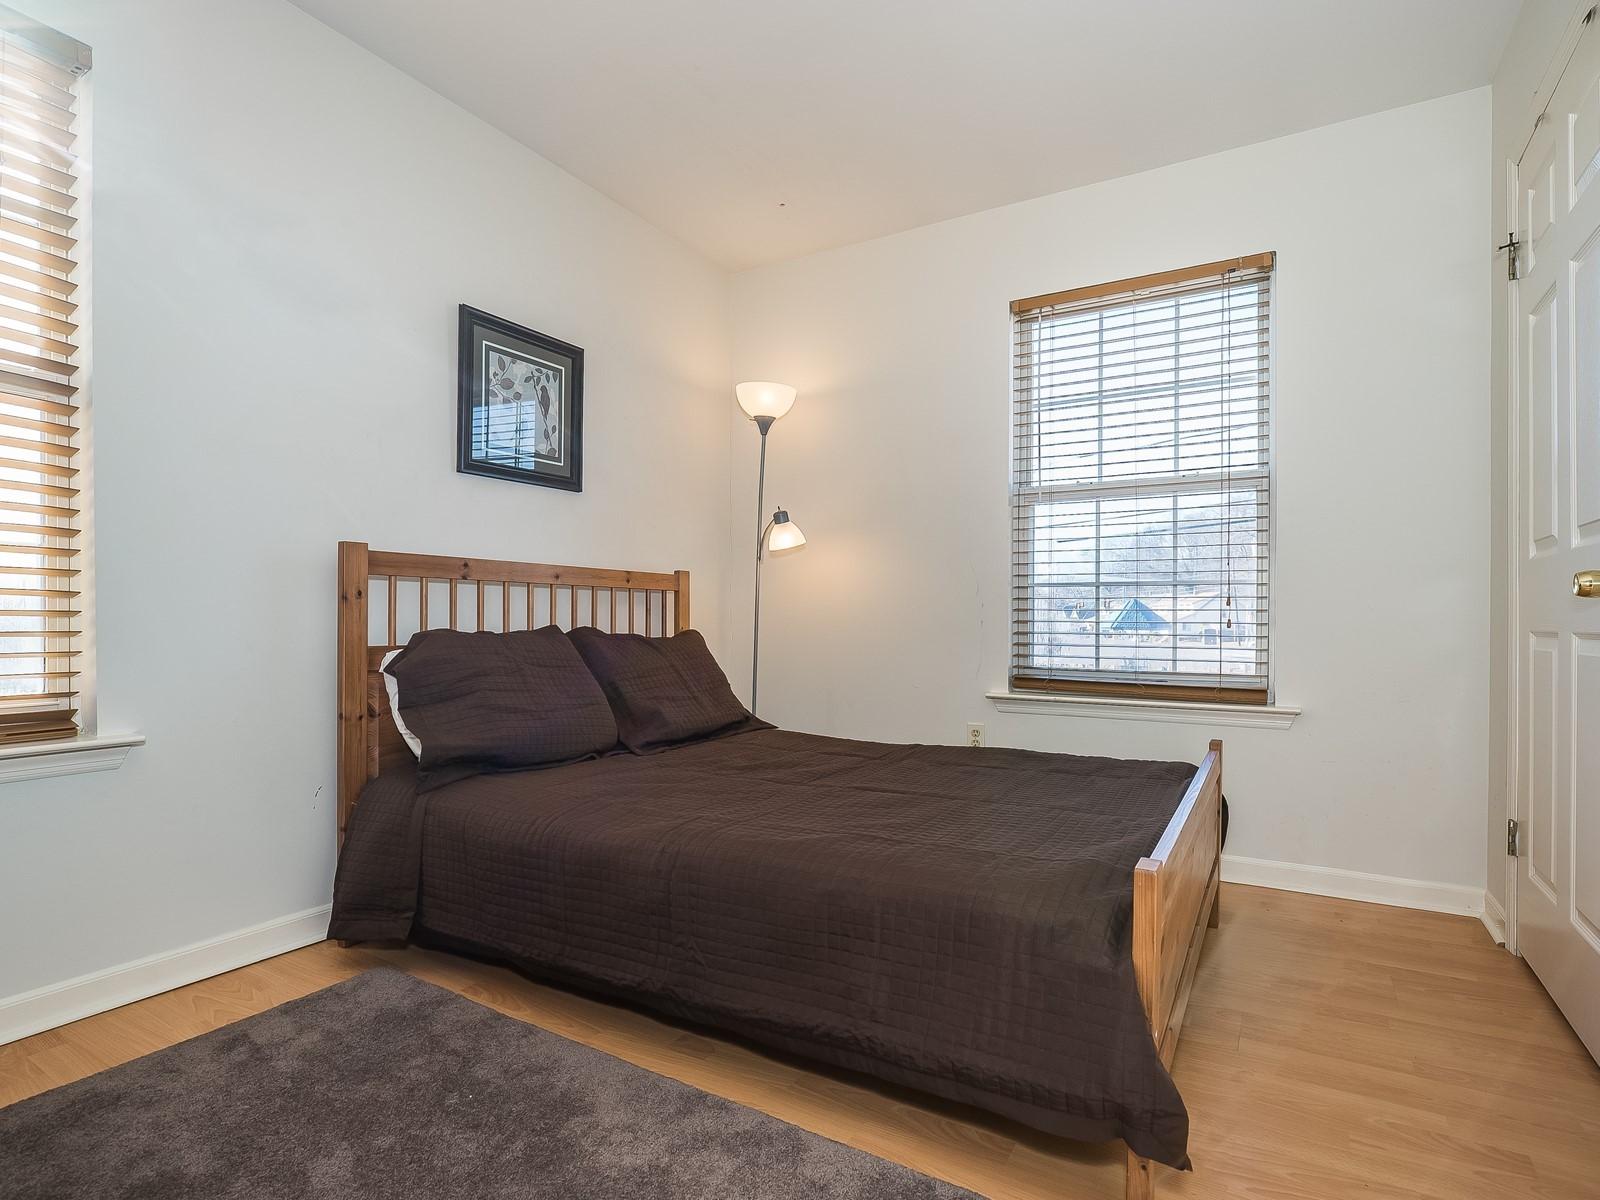 11_Furnished-House-Woodbridge_2nd Bedroom